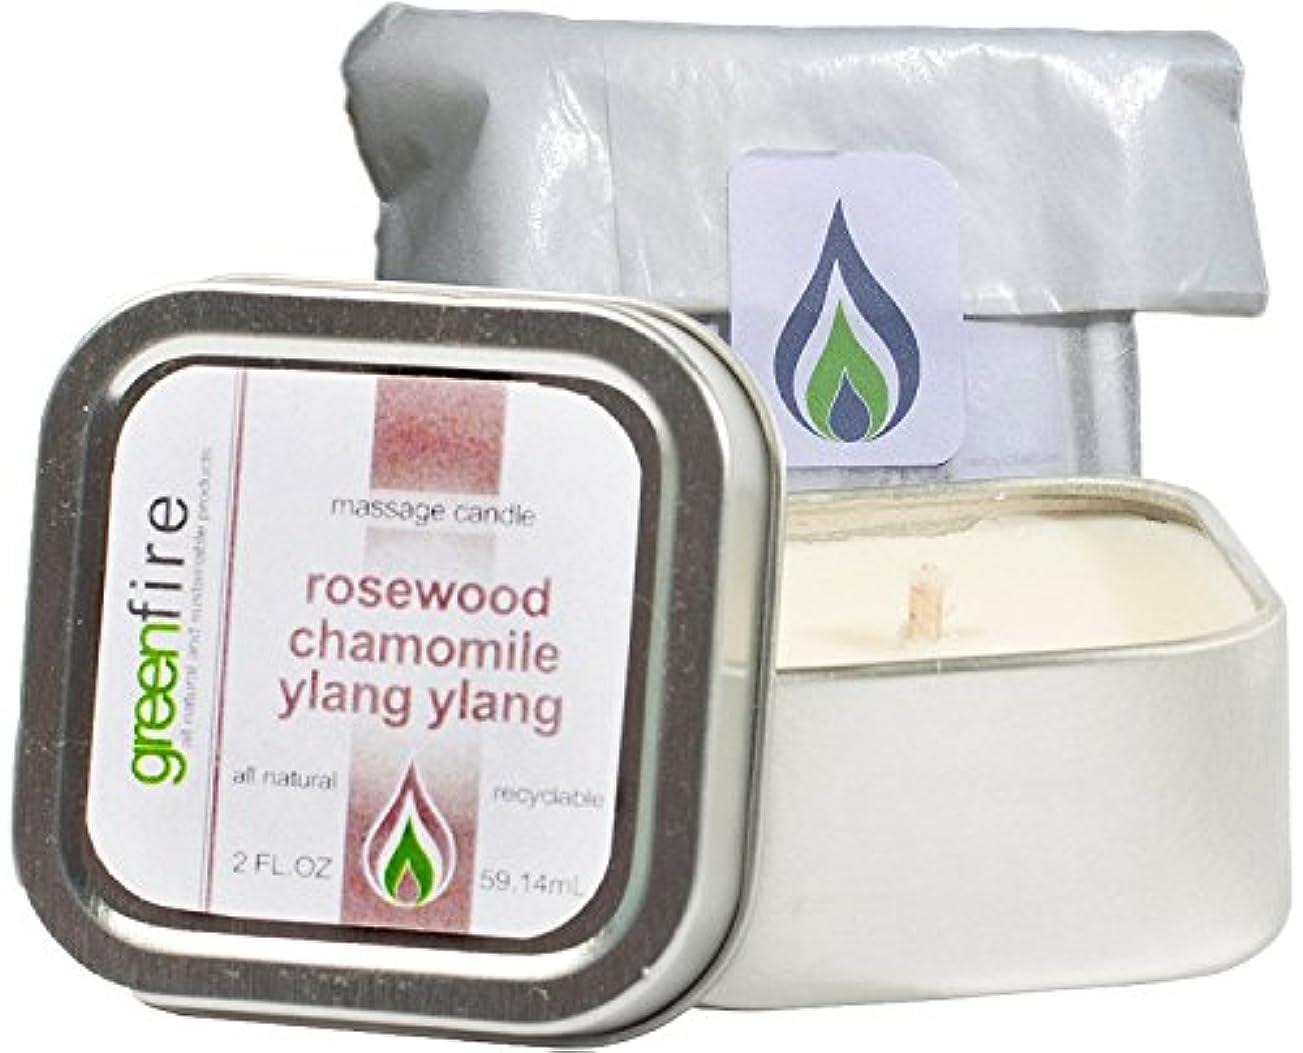 グリーンファイヤーマッサージキャンドル ローズウッド?カモミール?イランイランの香り(サイズ:59.1mL)